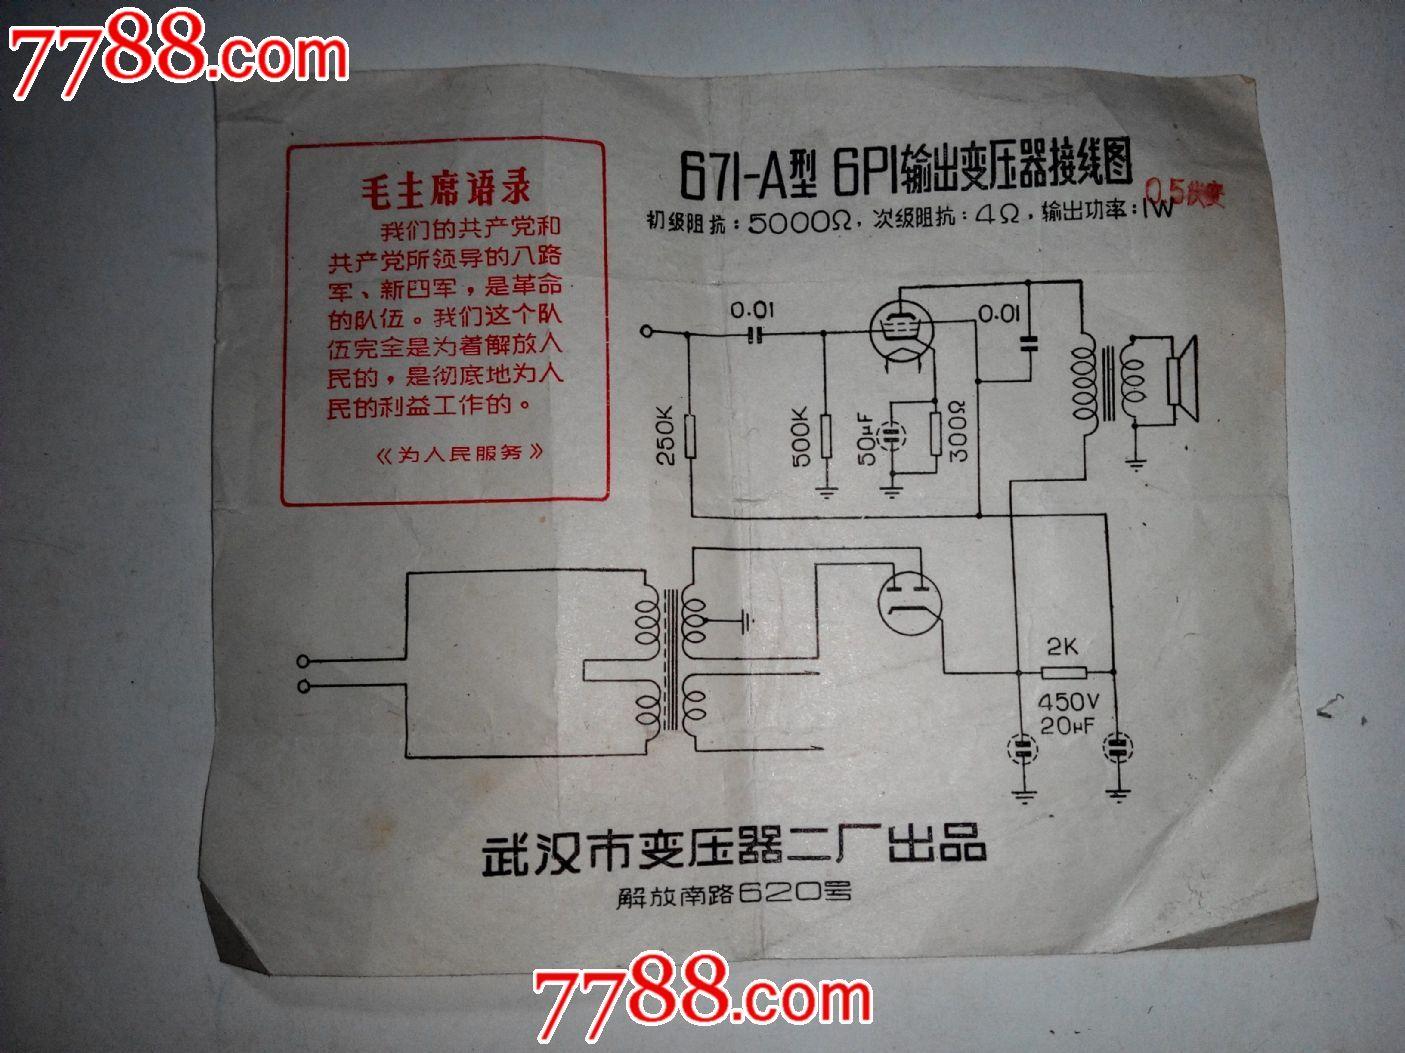 武汉市变压器二厂出品接线图(带语录)